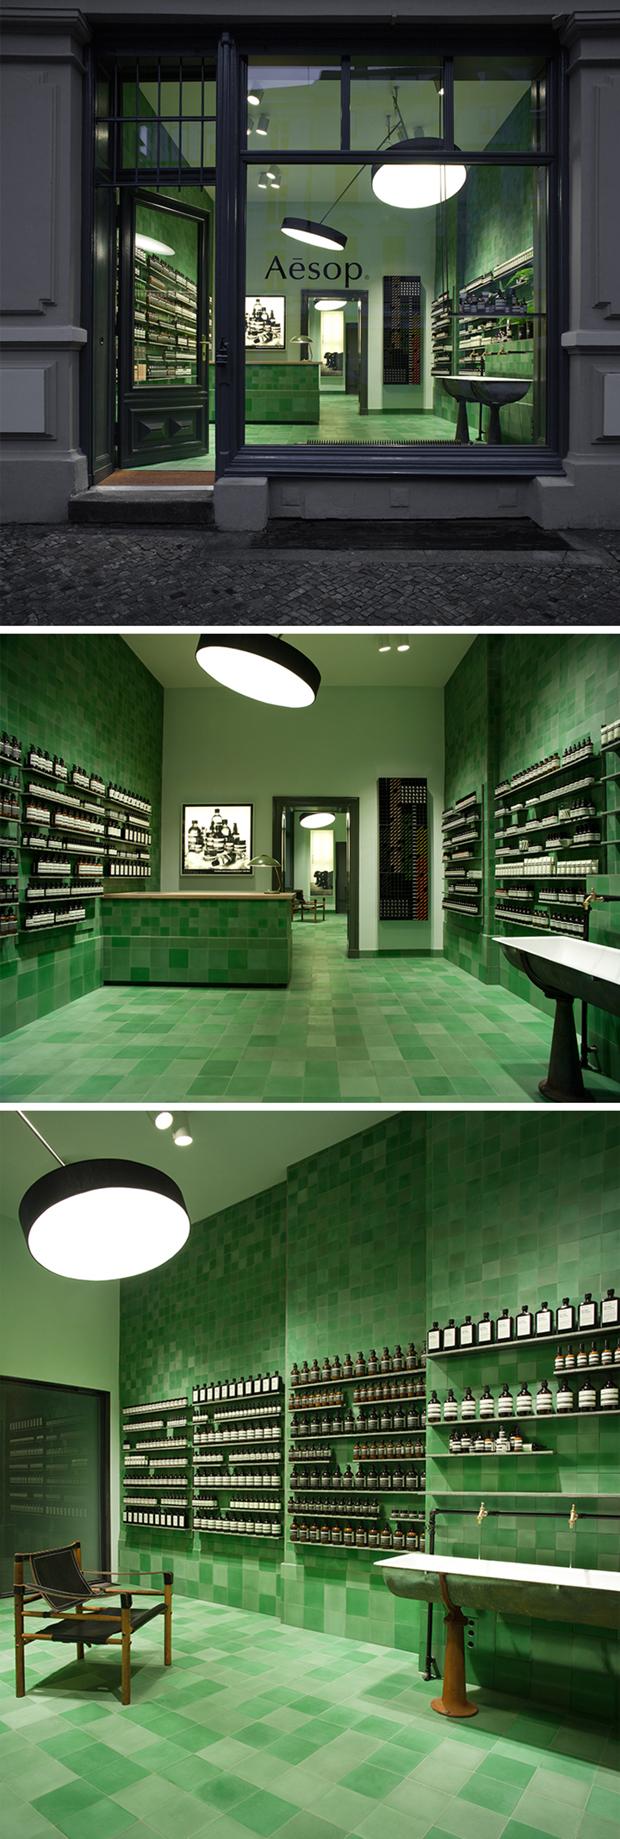 revista-magazine-retail-desing-escaparatismo-visual-merchandising-design-mannequin-aesop-vishopmag-01